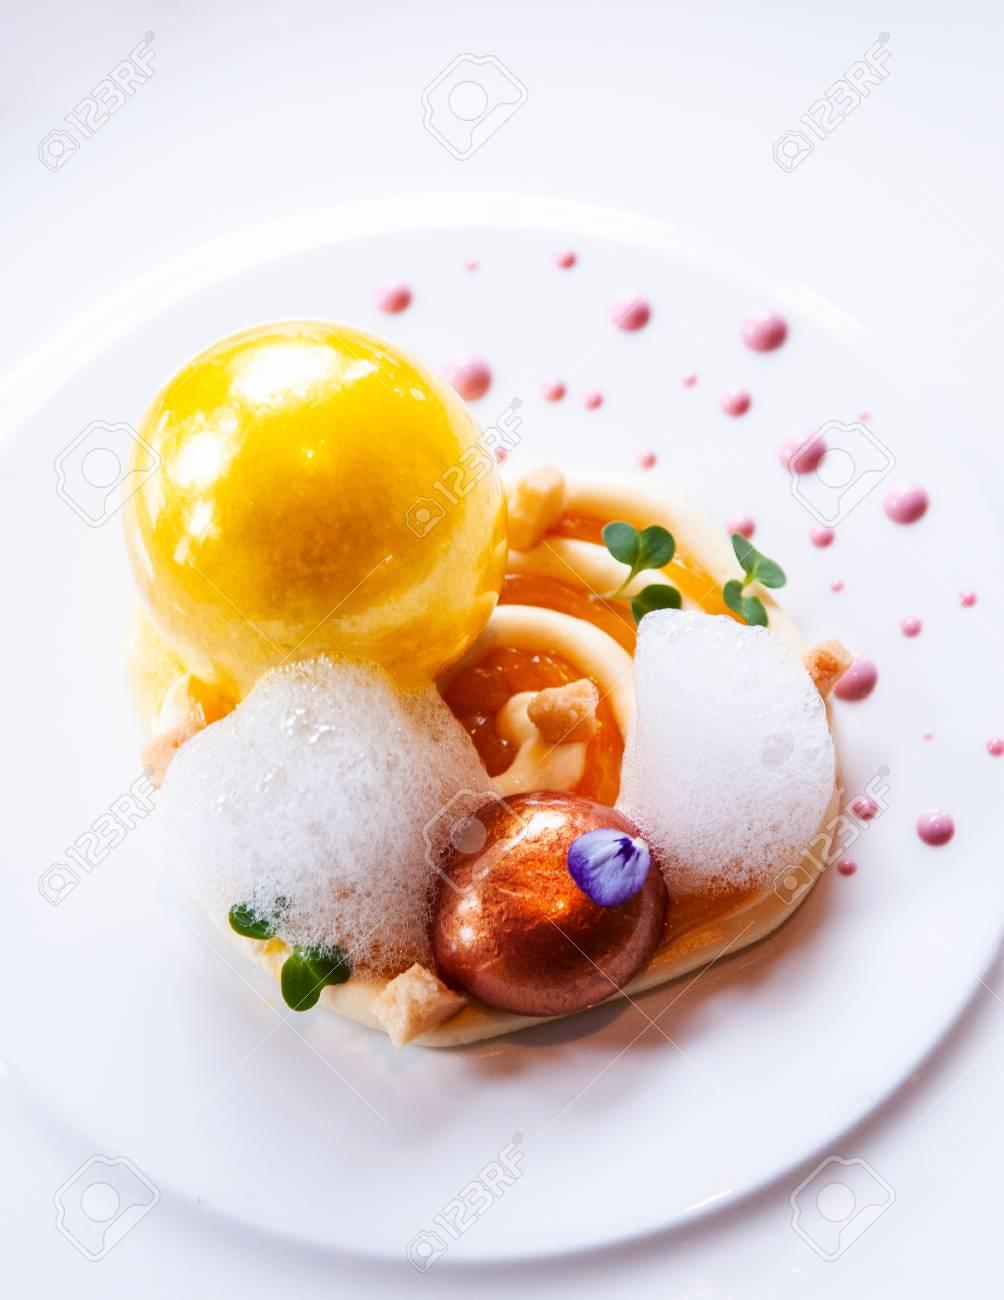 -cuisine-beautiful-creativity-food-decoration-idea.jpg